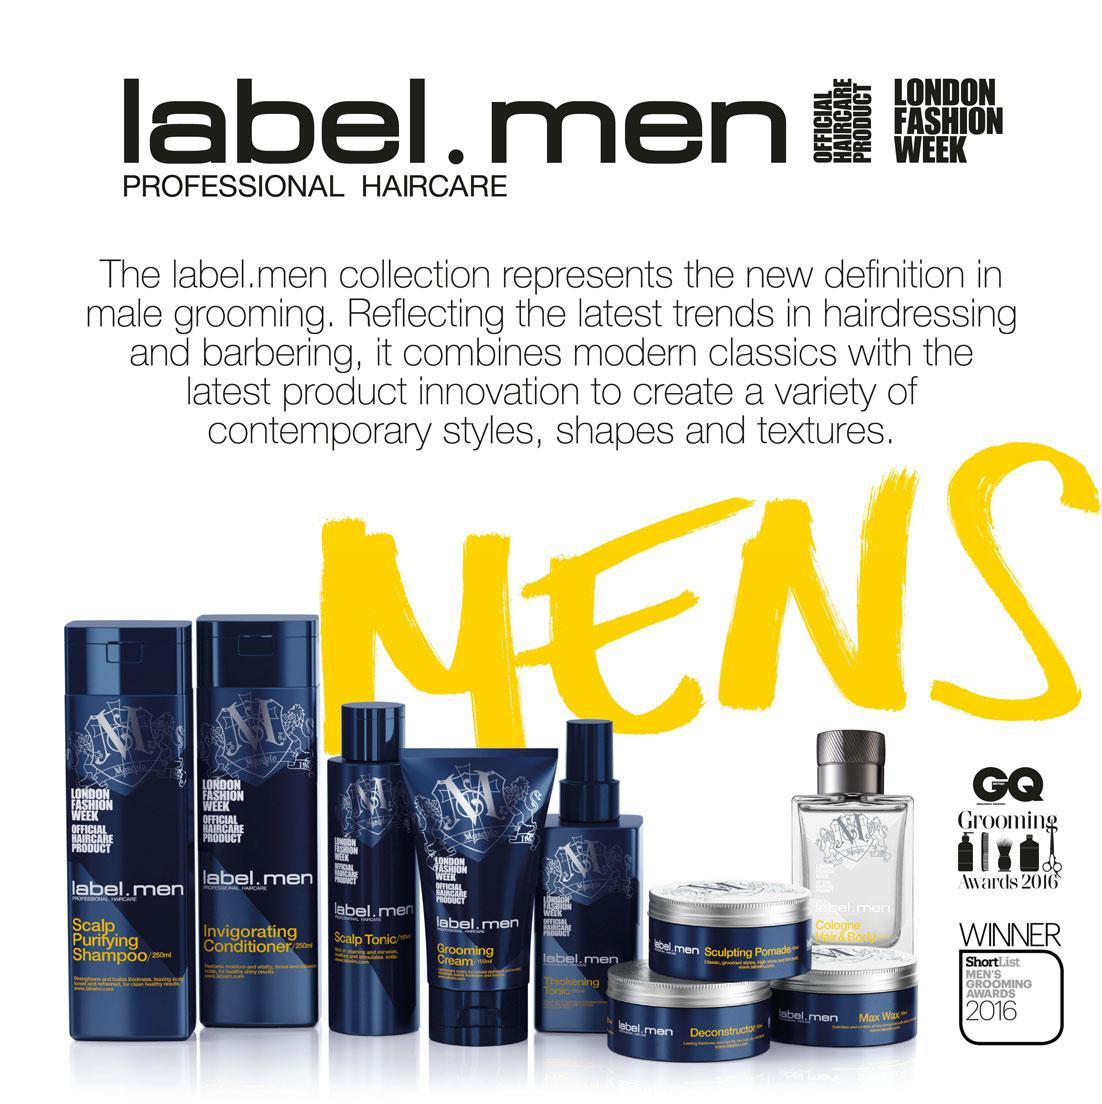 587.9-label-men-1-pg-26.jpg